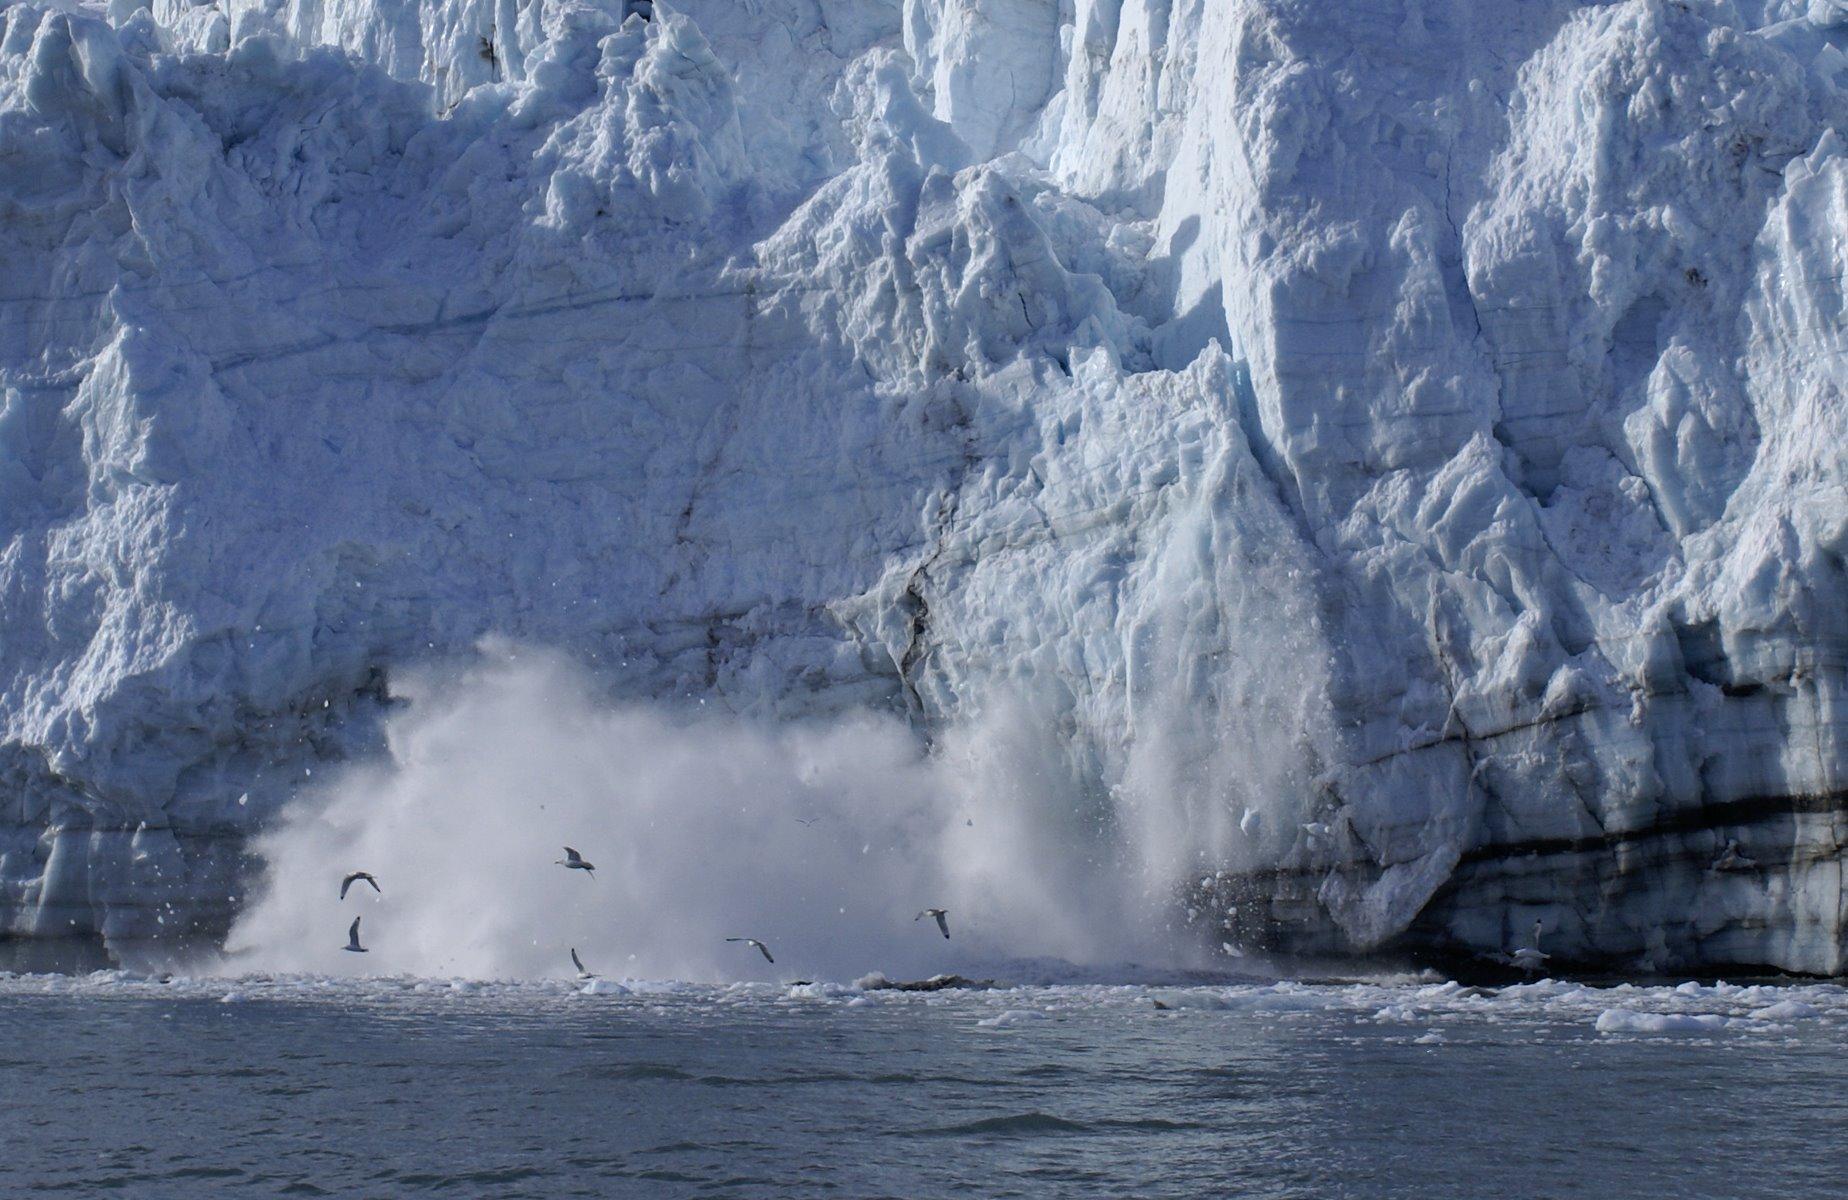 Calving glacier sequence, photo 8